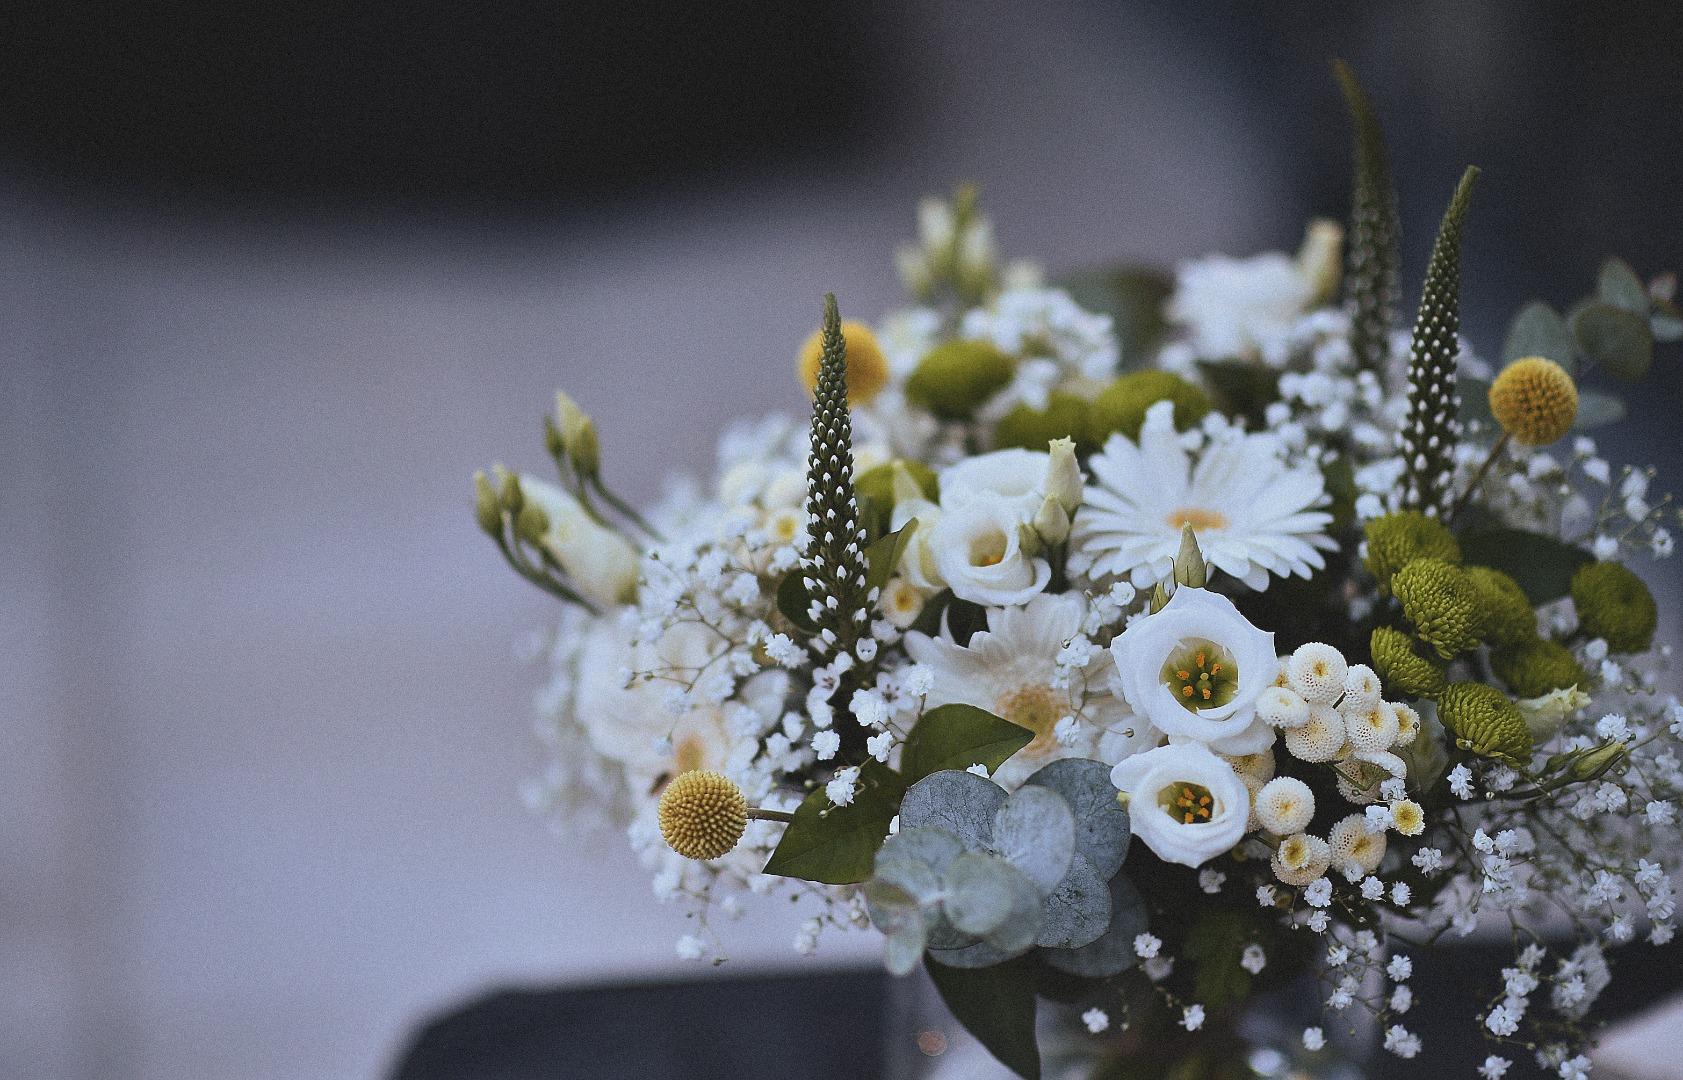 Détail bouquet naturel jaune blanc La Dolce Vita Organisation Mariage Toulouse.jpg